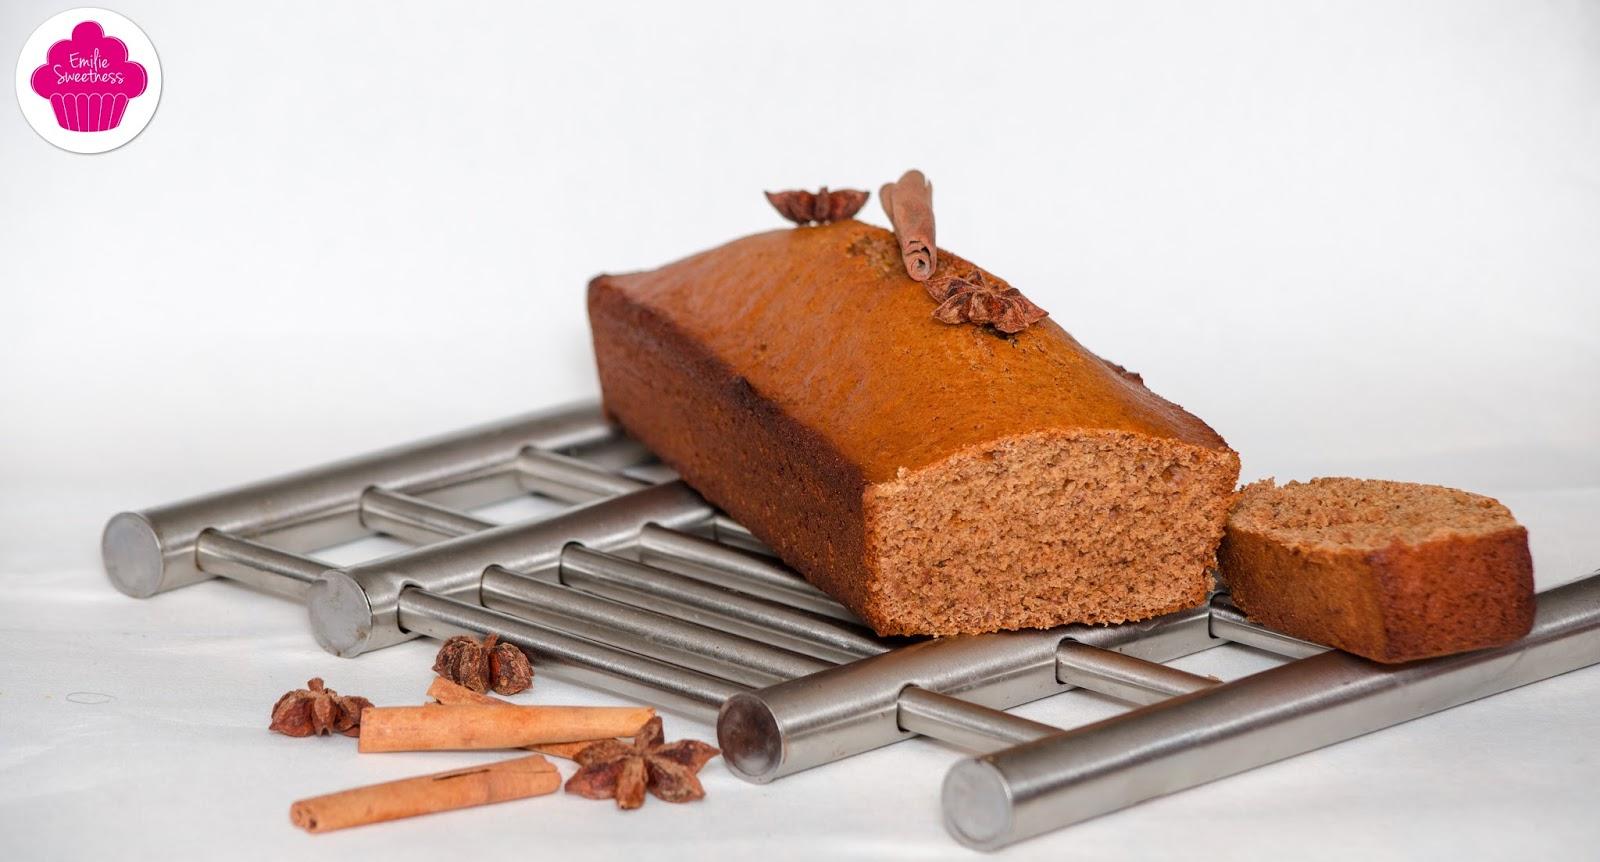 Emilie sweetness pain d 39 pices maison recette facile for Pain d epices maison